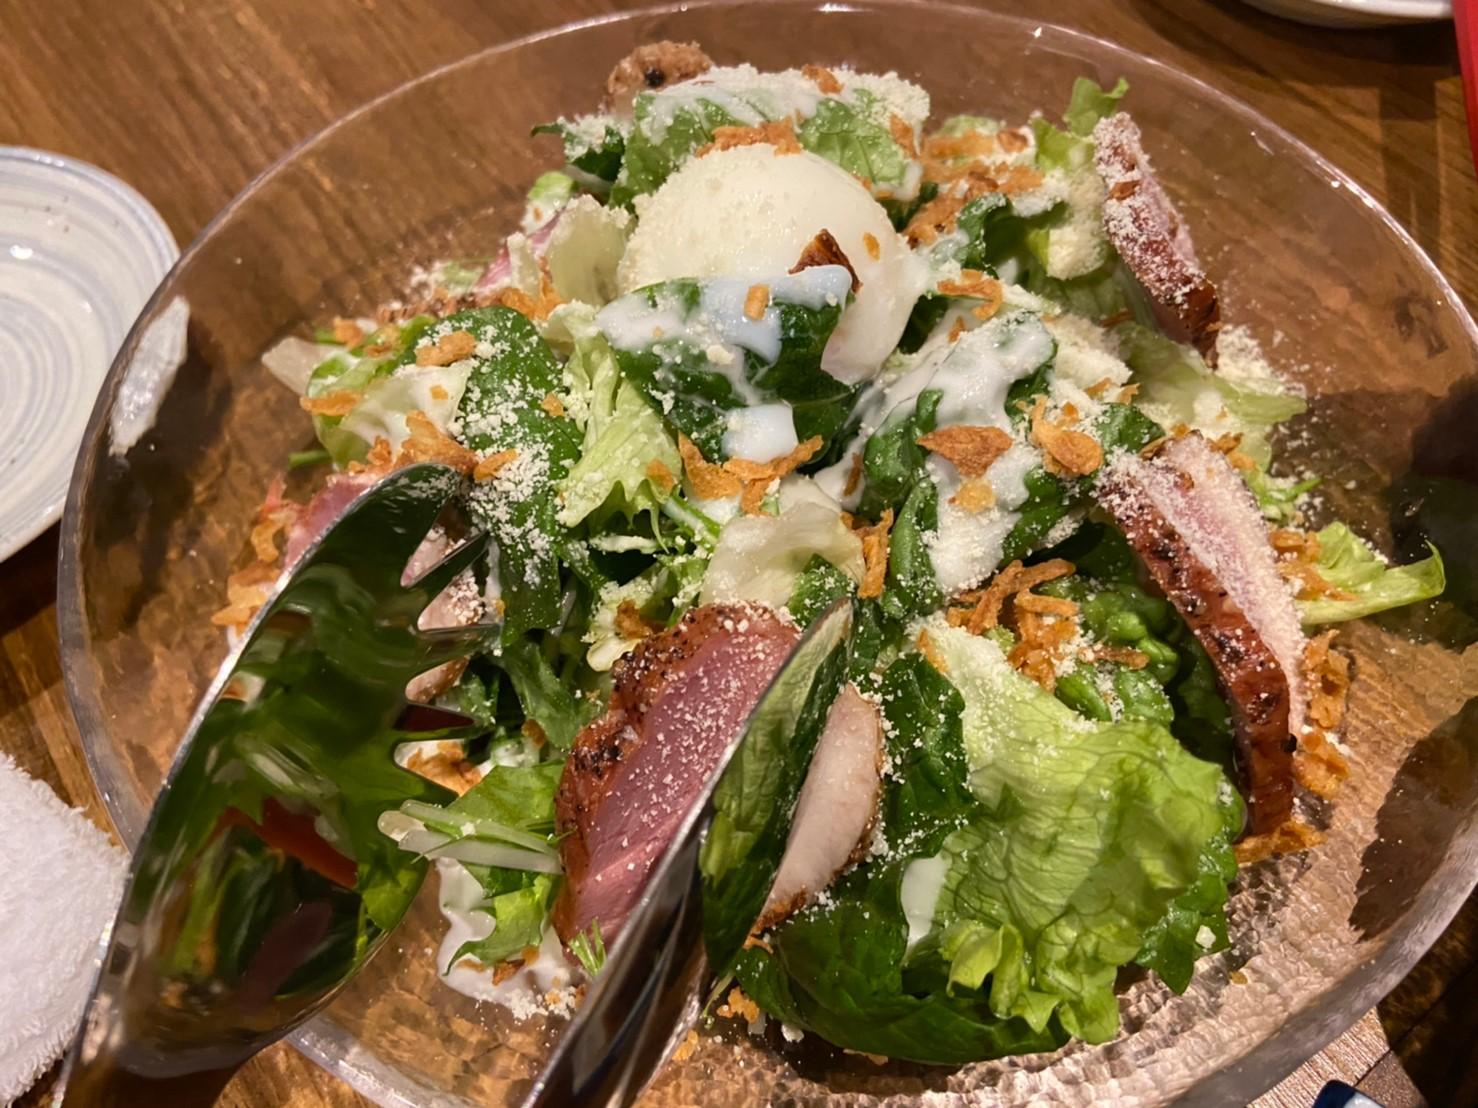 合鴨パストラミの温玉シーザーサラダ